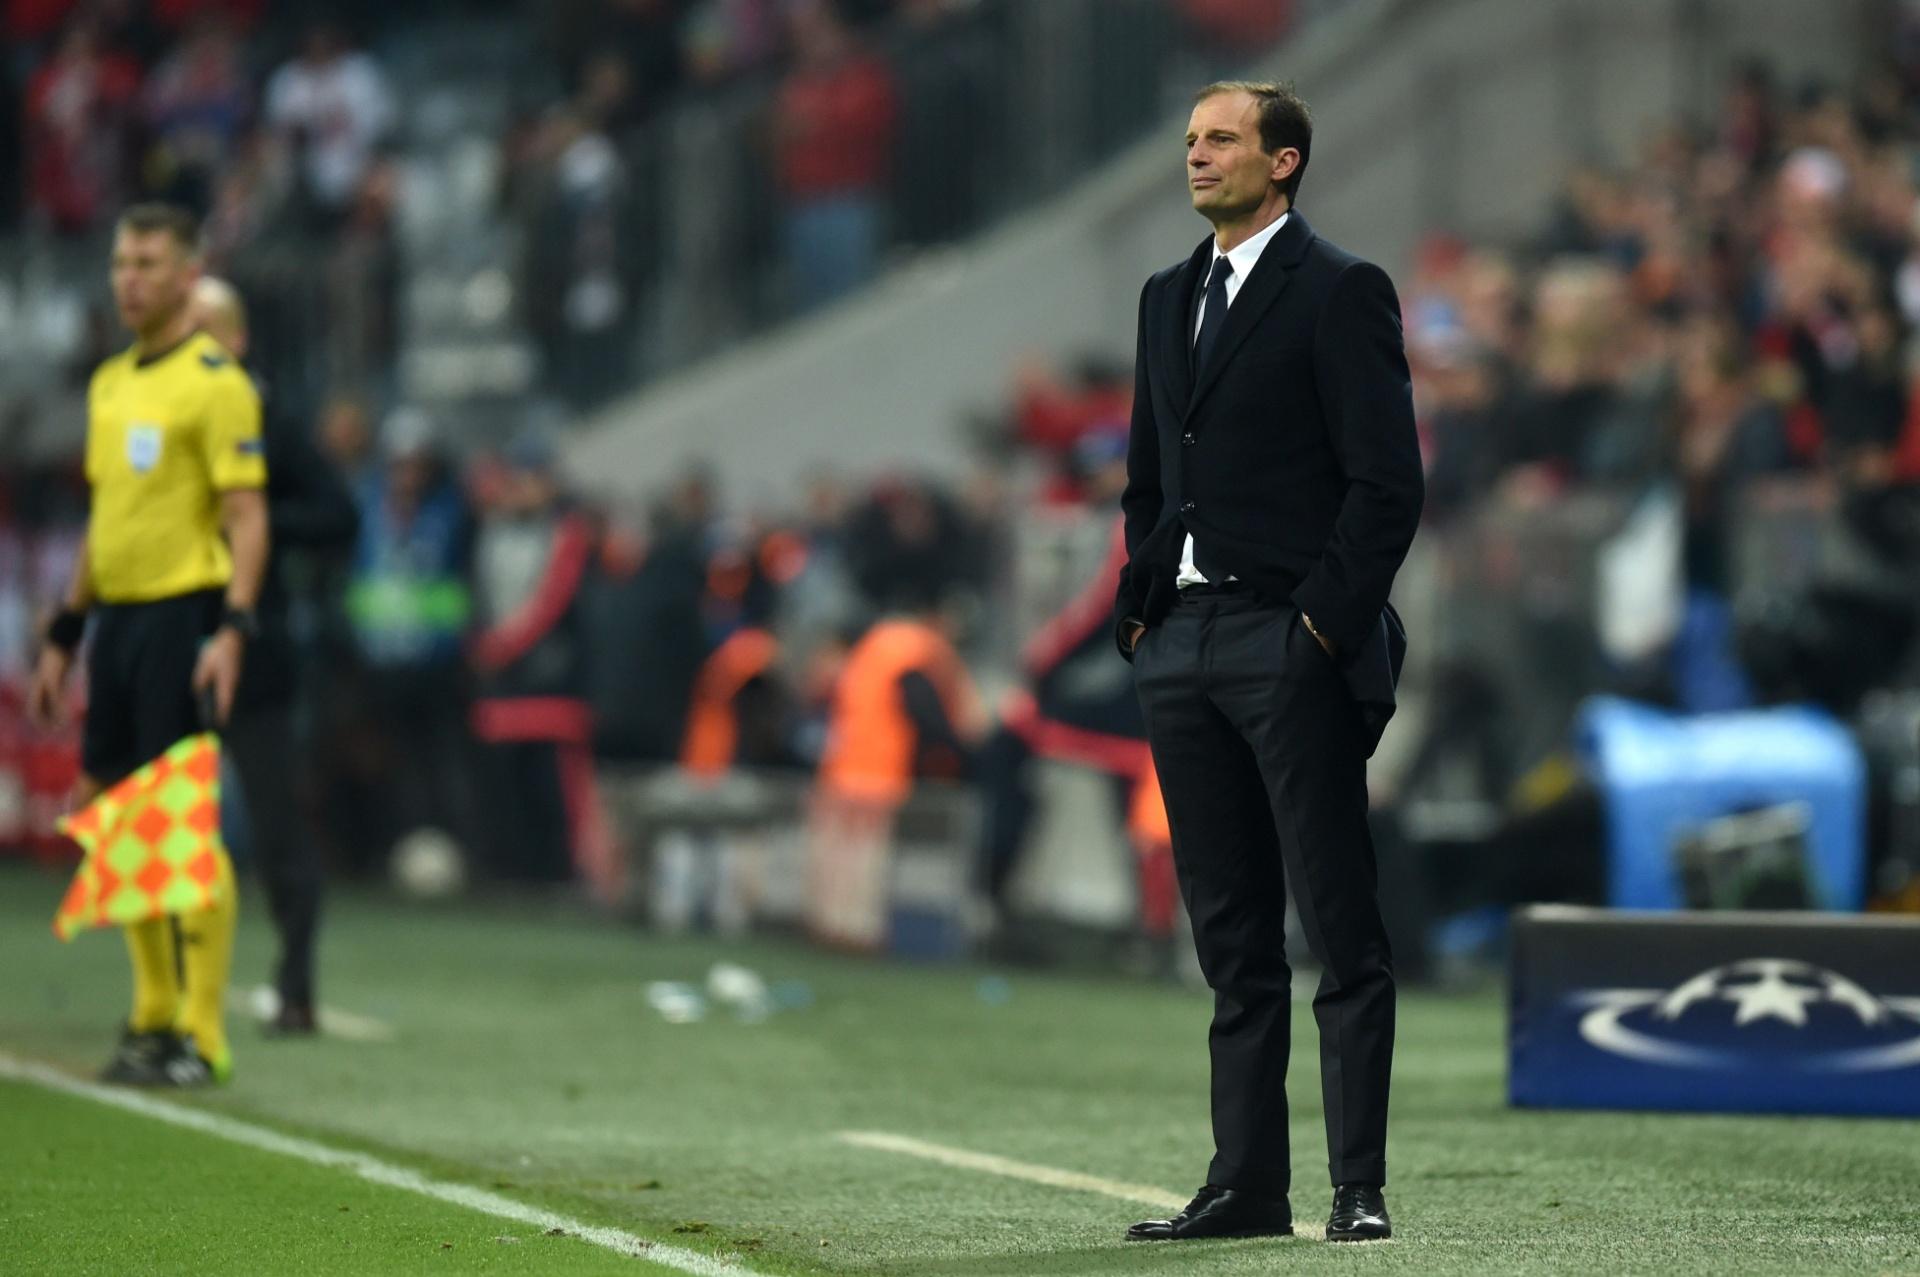 Arsenal acerta com técnico da Juventus para substituir Wenger 3162a4d1cf61d